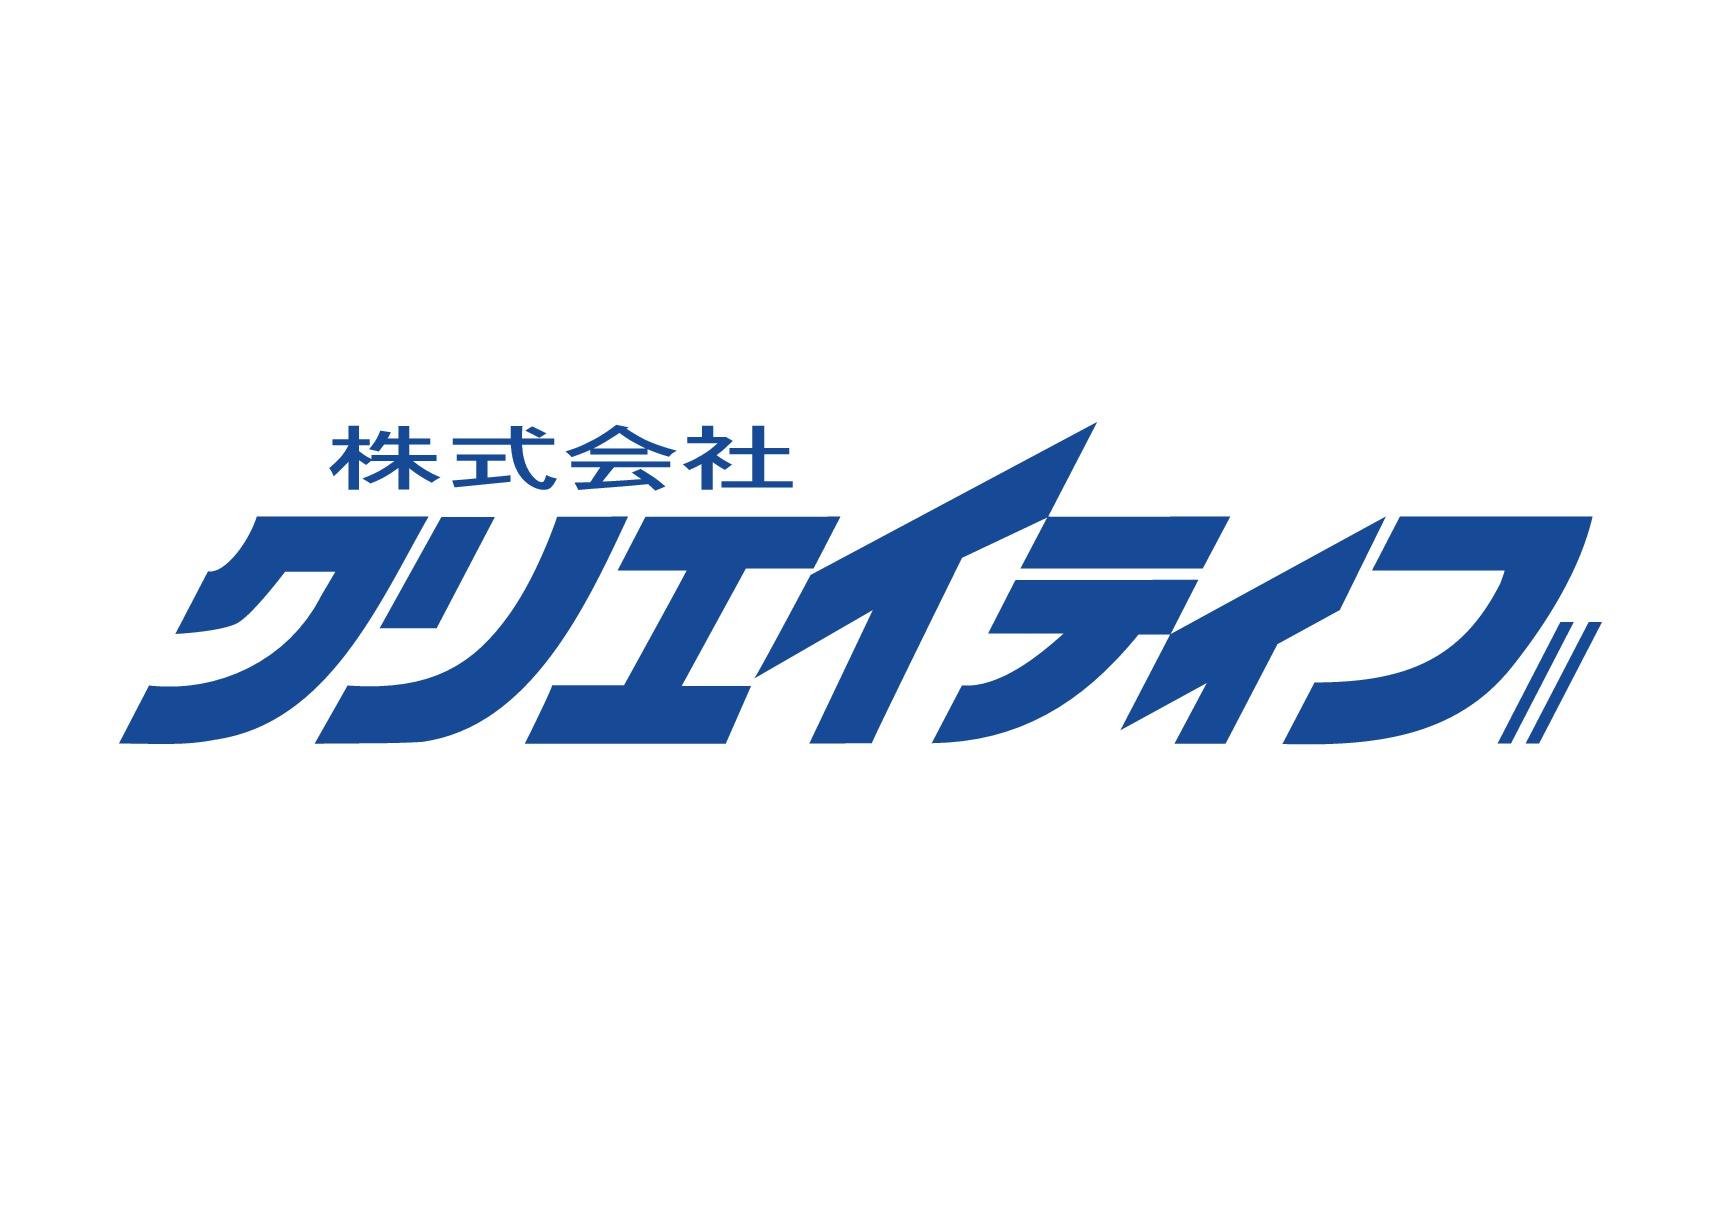 株式会社クリエイティブ 尾道支店